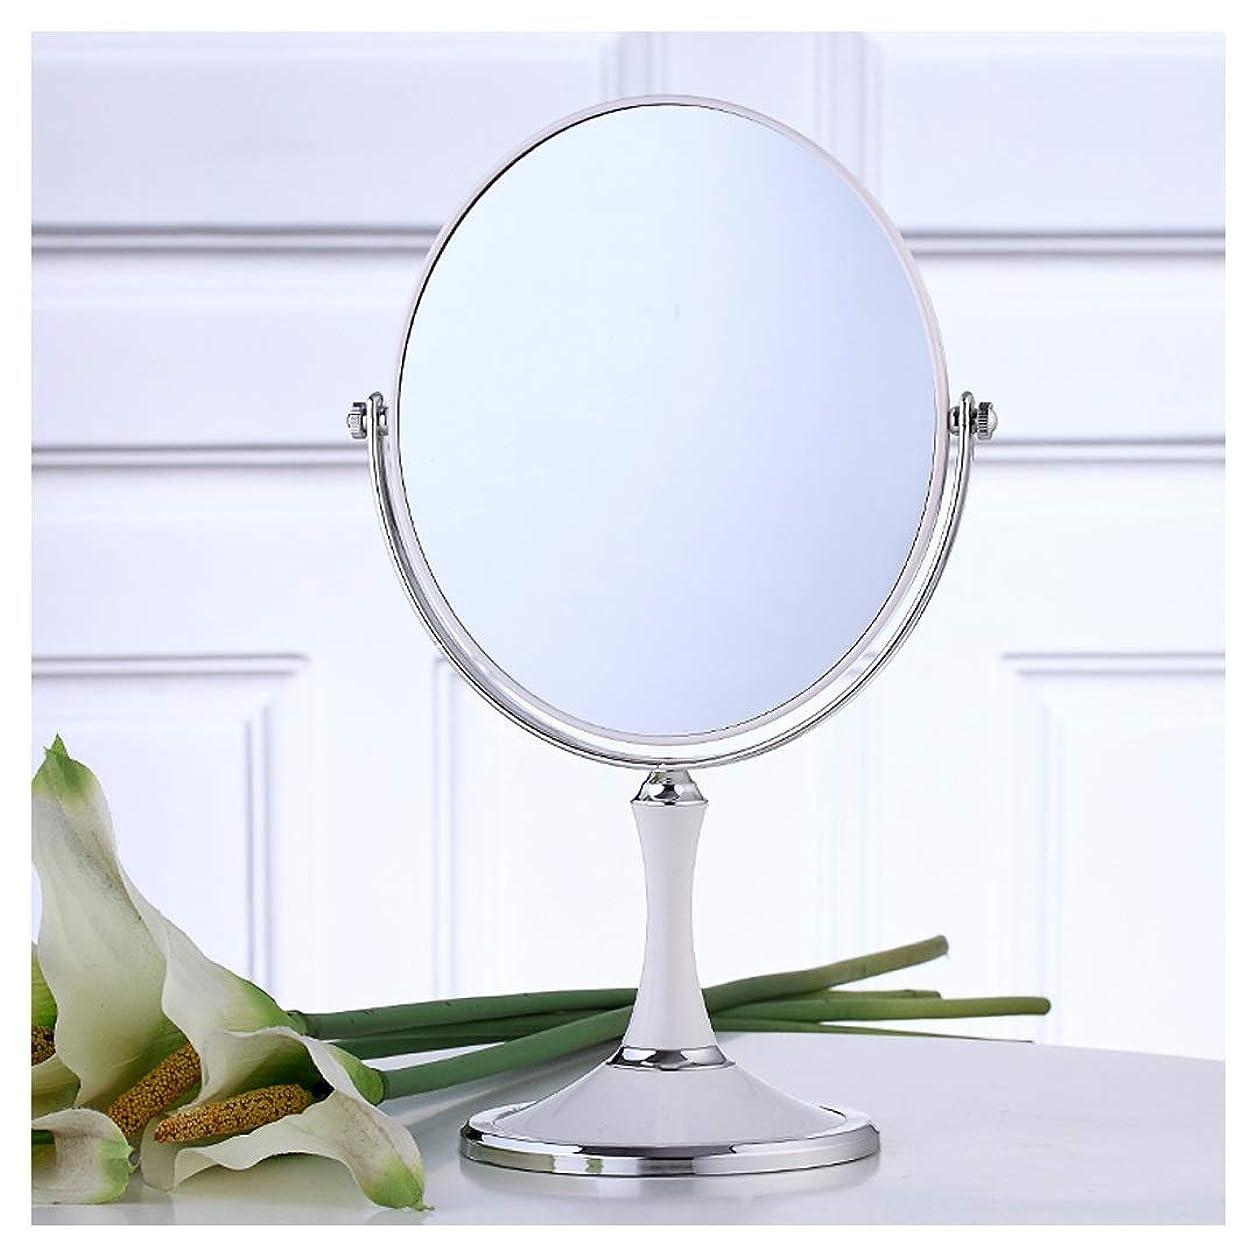 令状編集する直立化粧鏡3x倍率デスクトップオーバル360°回転HD両面プリンセスミラートラベルポータブル屋内バニティミラー(白)(サイズ:32.5 * 16.7cm)